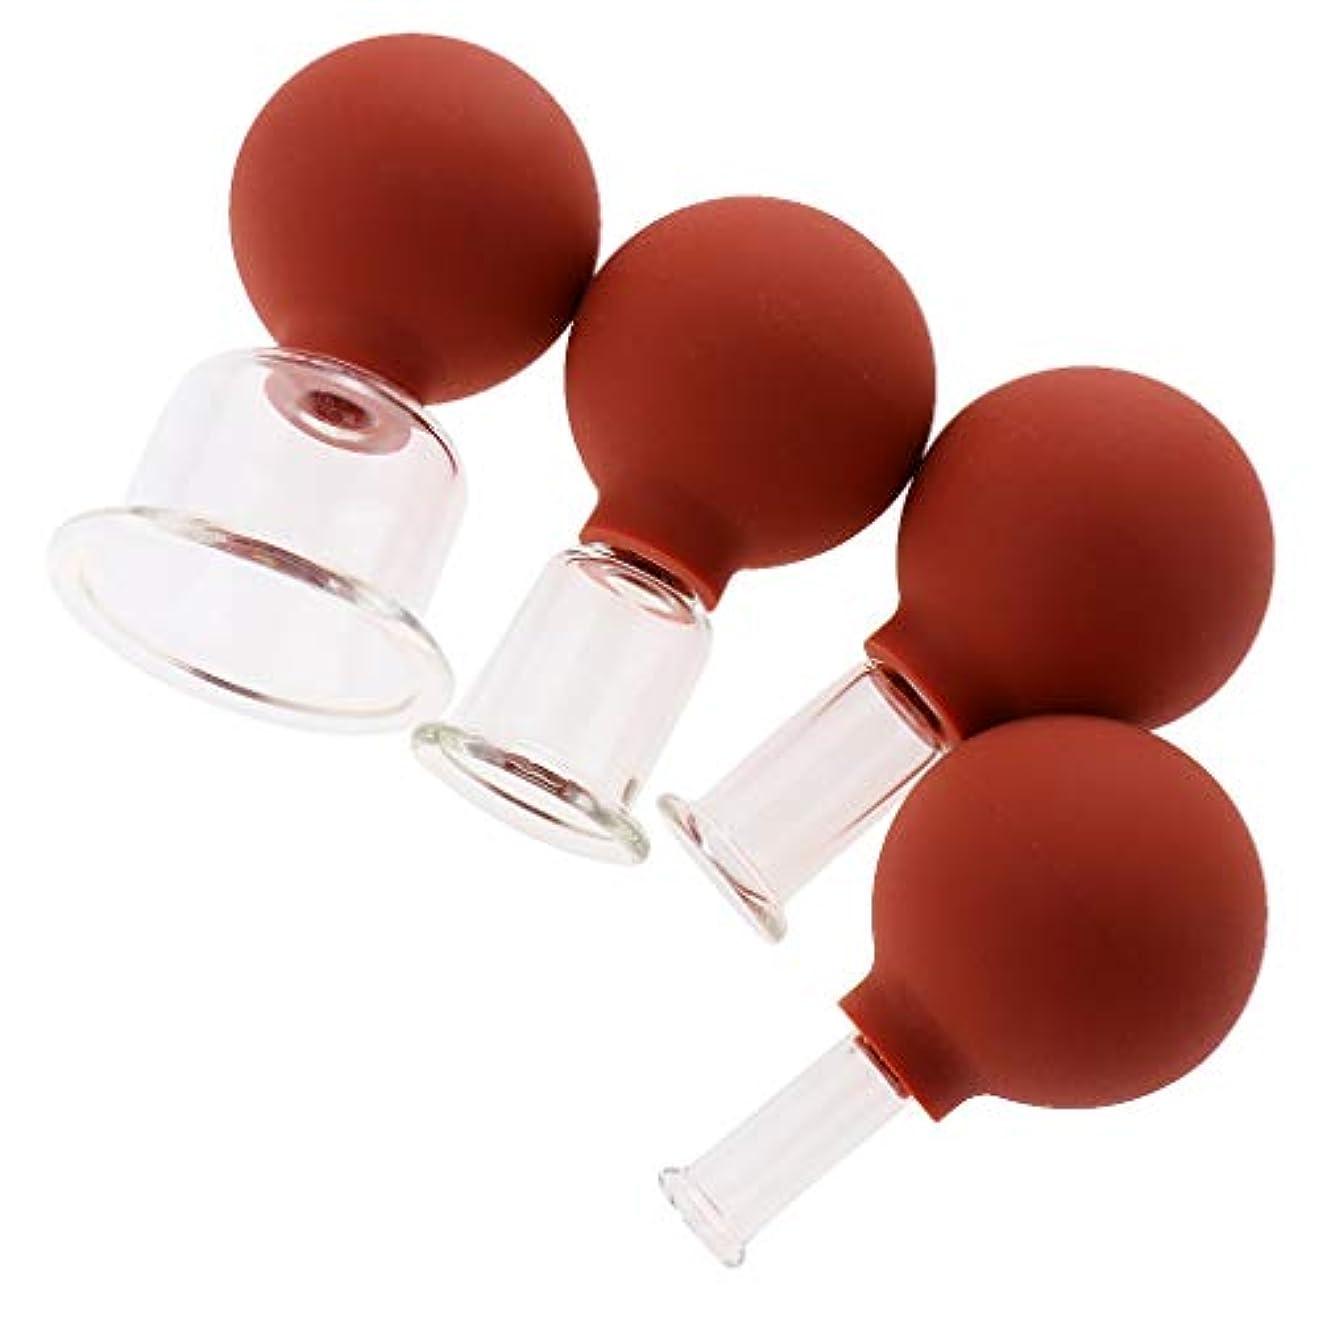 注目すべき薬理学無効にするCUTICATE 全3色 マッサージカップ ガラスカッピング 吸い玉 マッサージ カッピングセット 4個入 - 赤茶色